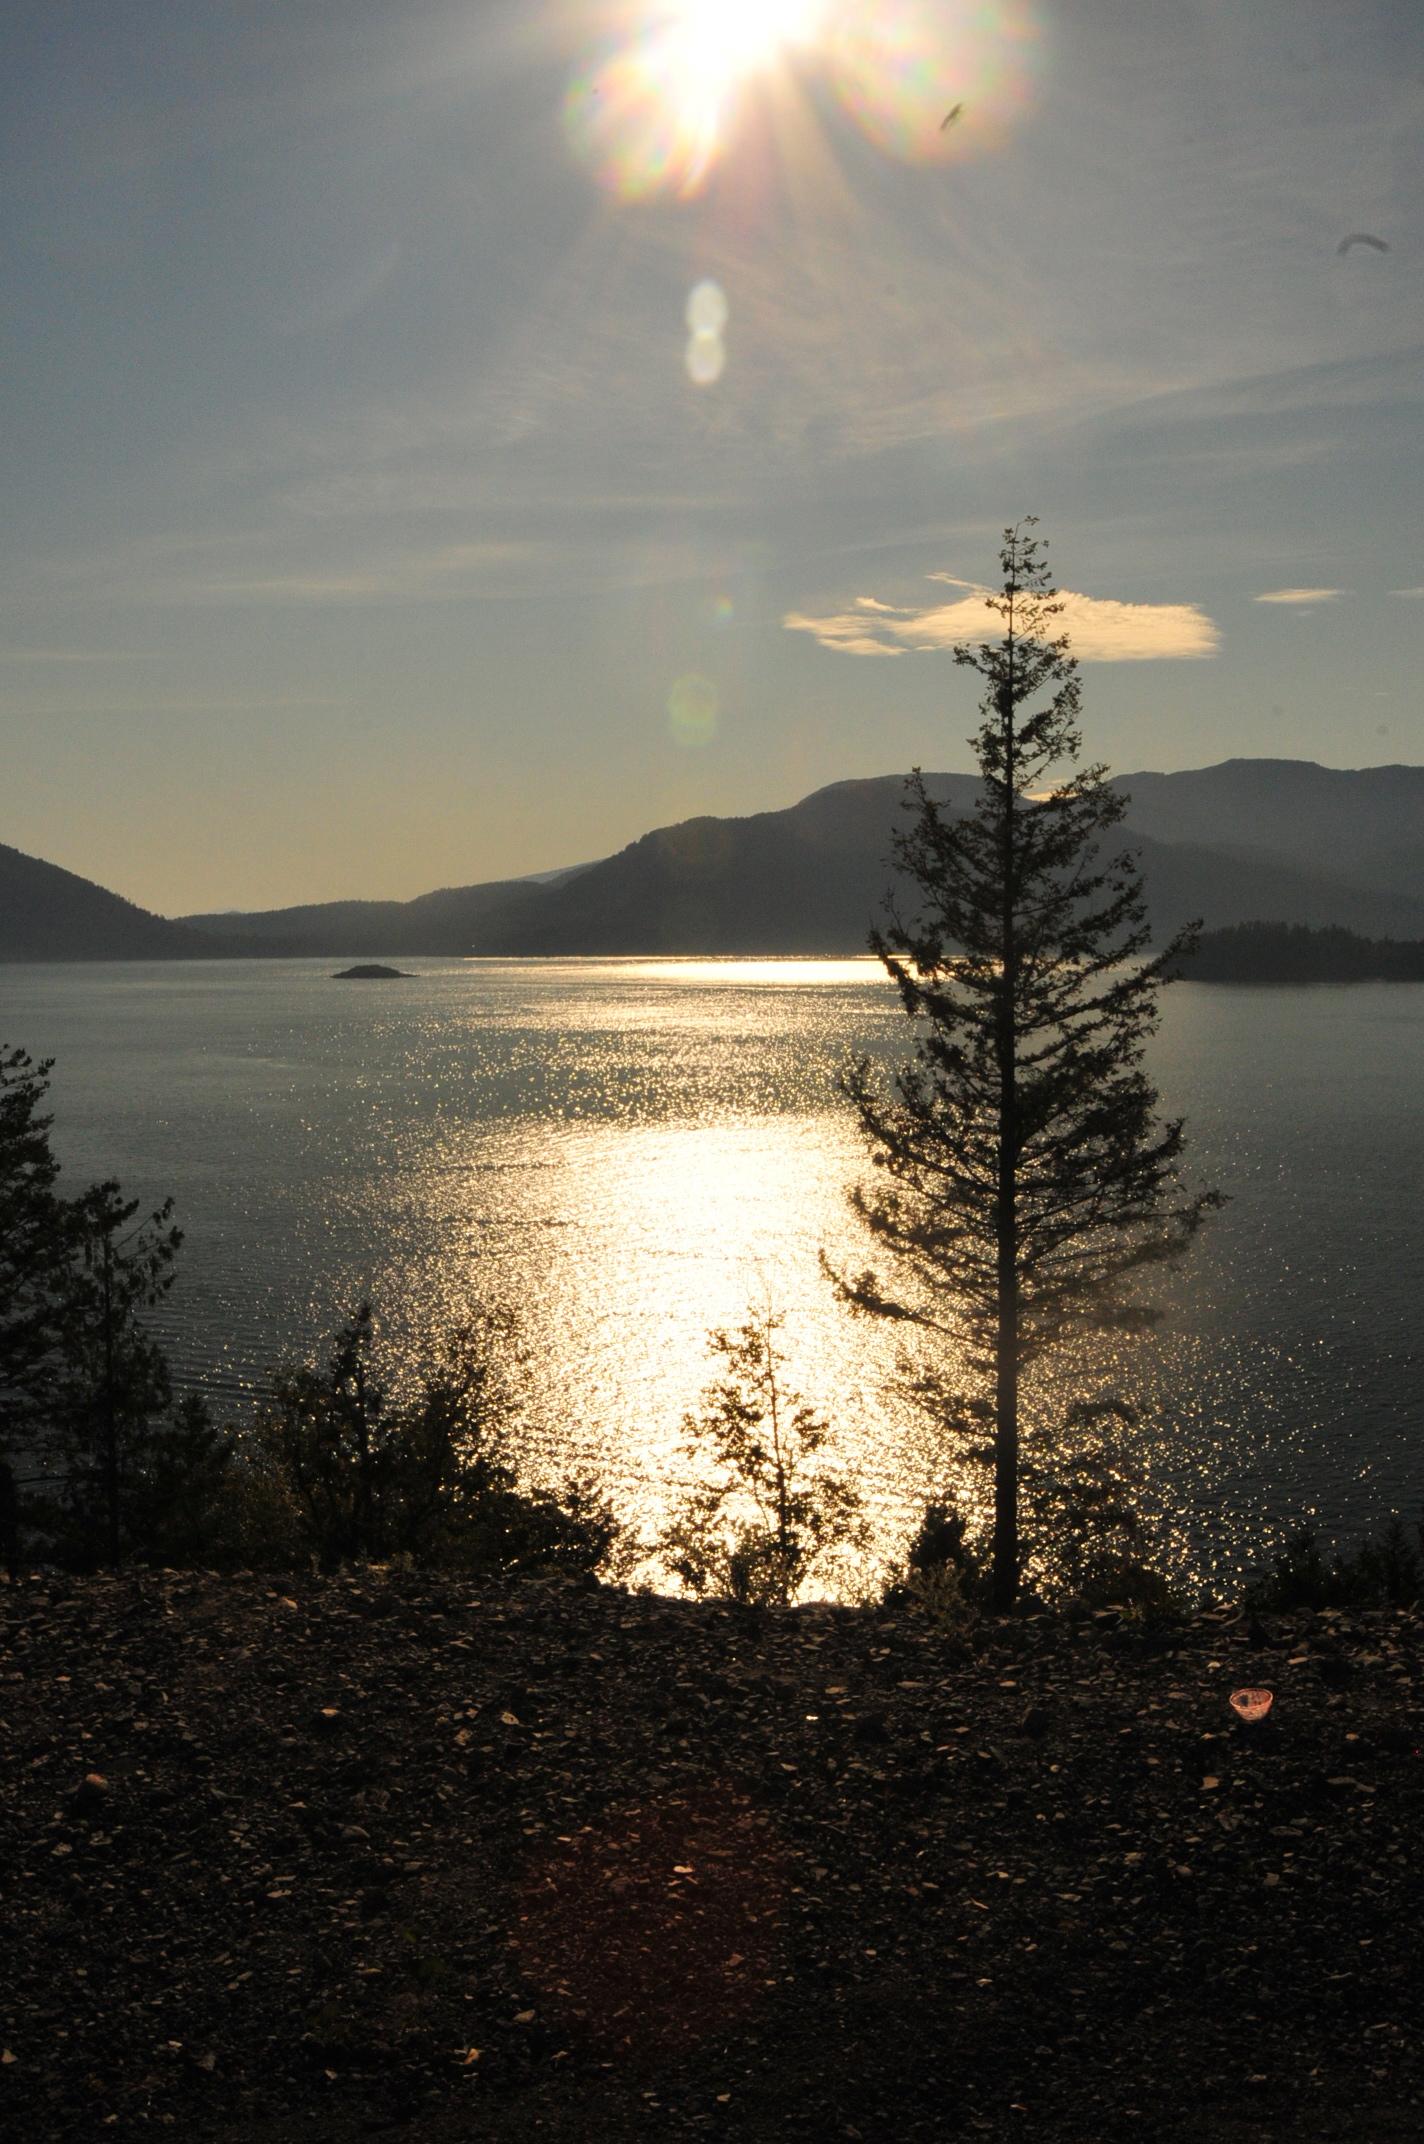 Washington-Beautiful Lake